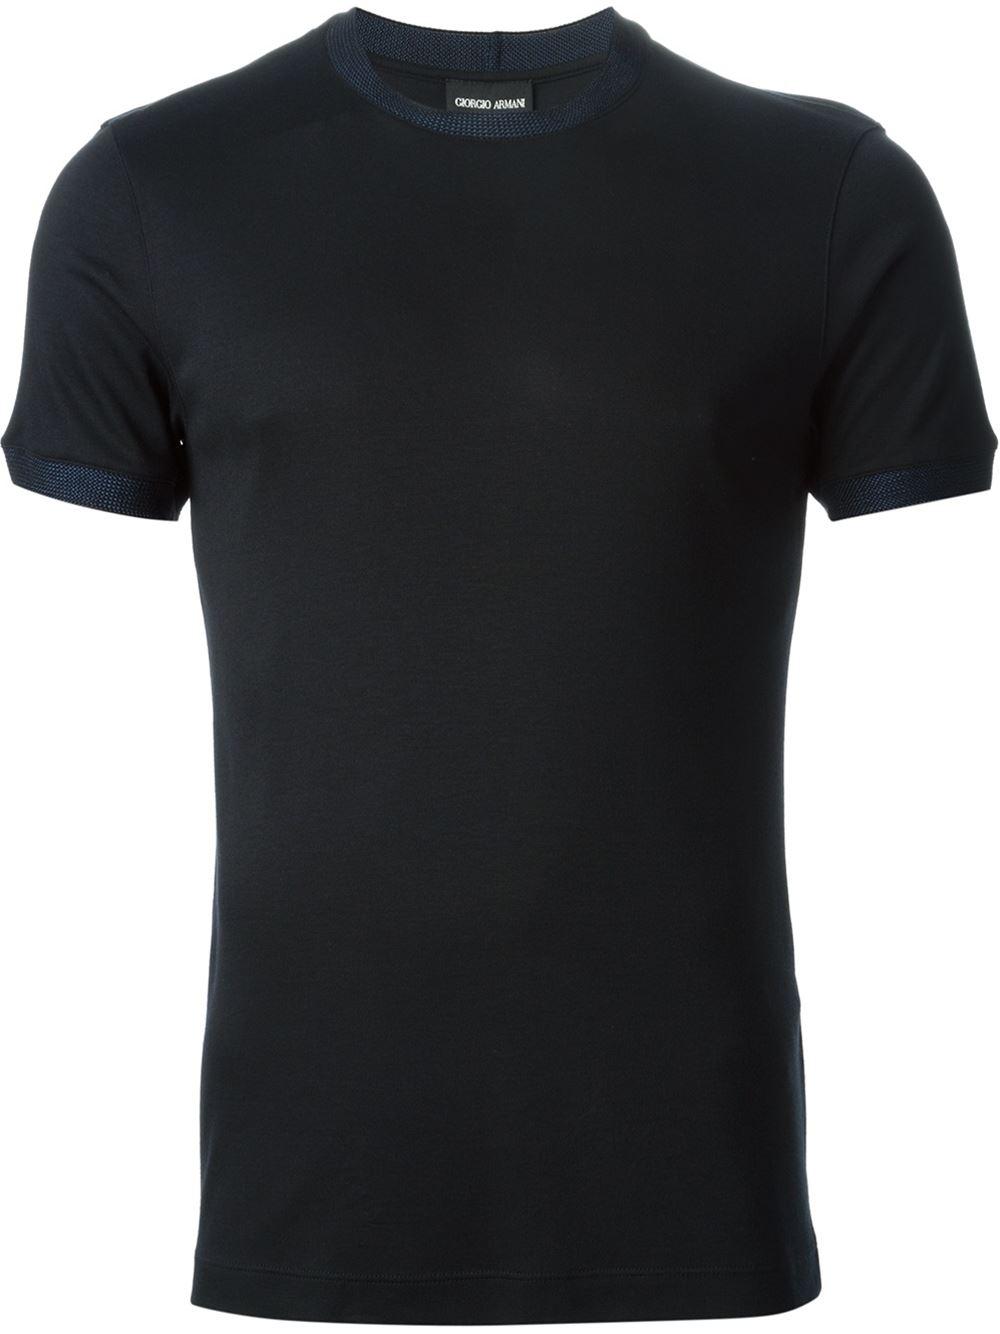 Giorgio Armani Contrast Collar T Shirt In Black For Men Lyst